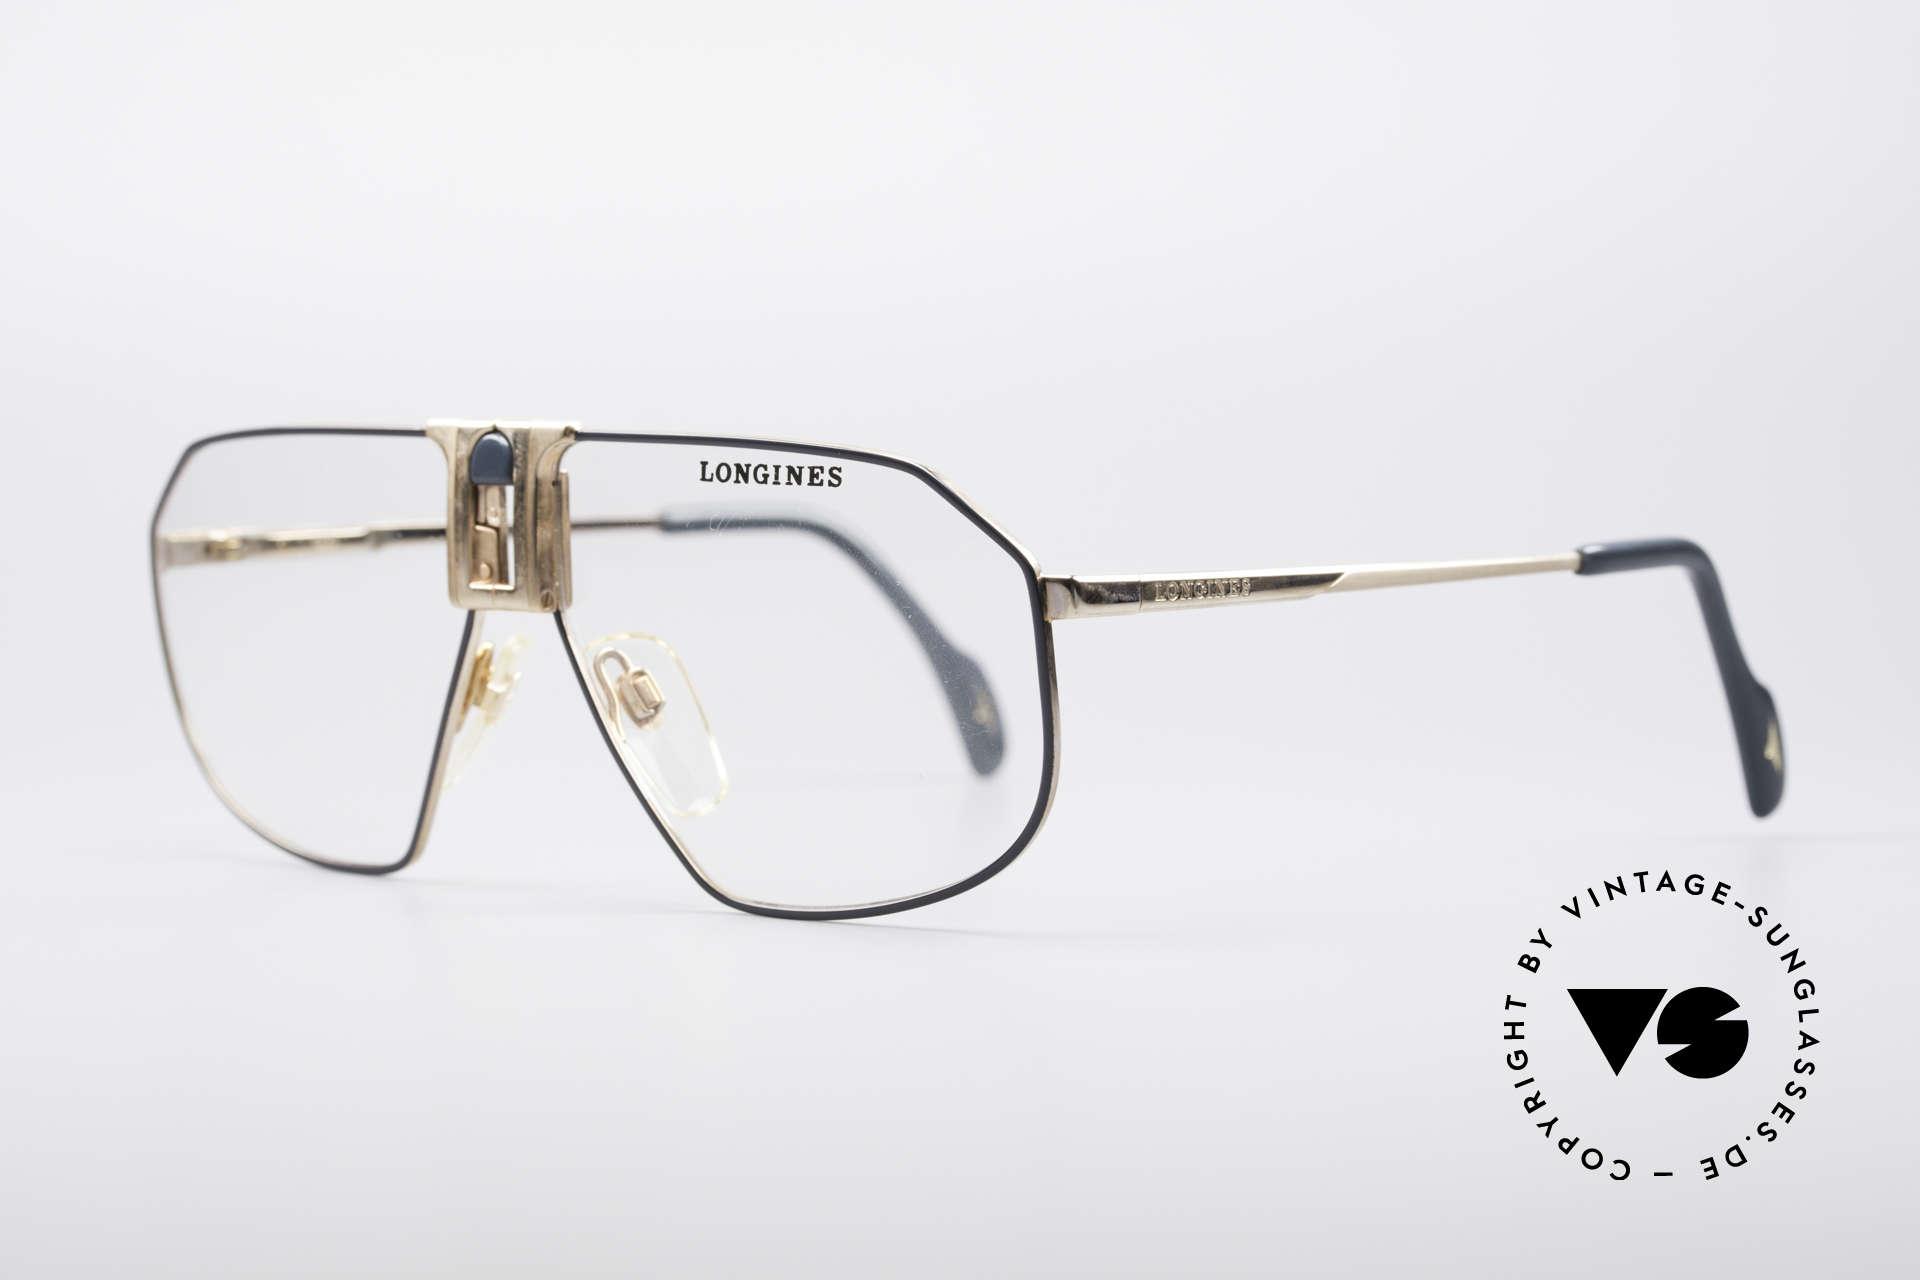 Longines 0153 80er Luxus Herrenbrille, für Longines im Traditionshaus Metzler produziert, Passend für Herren